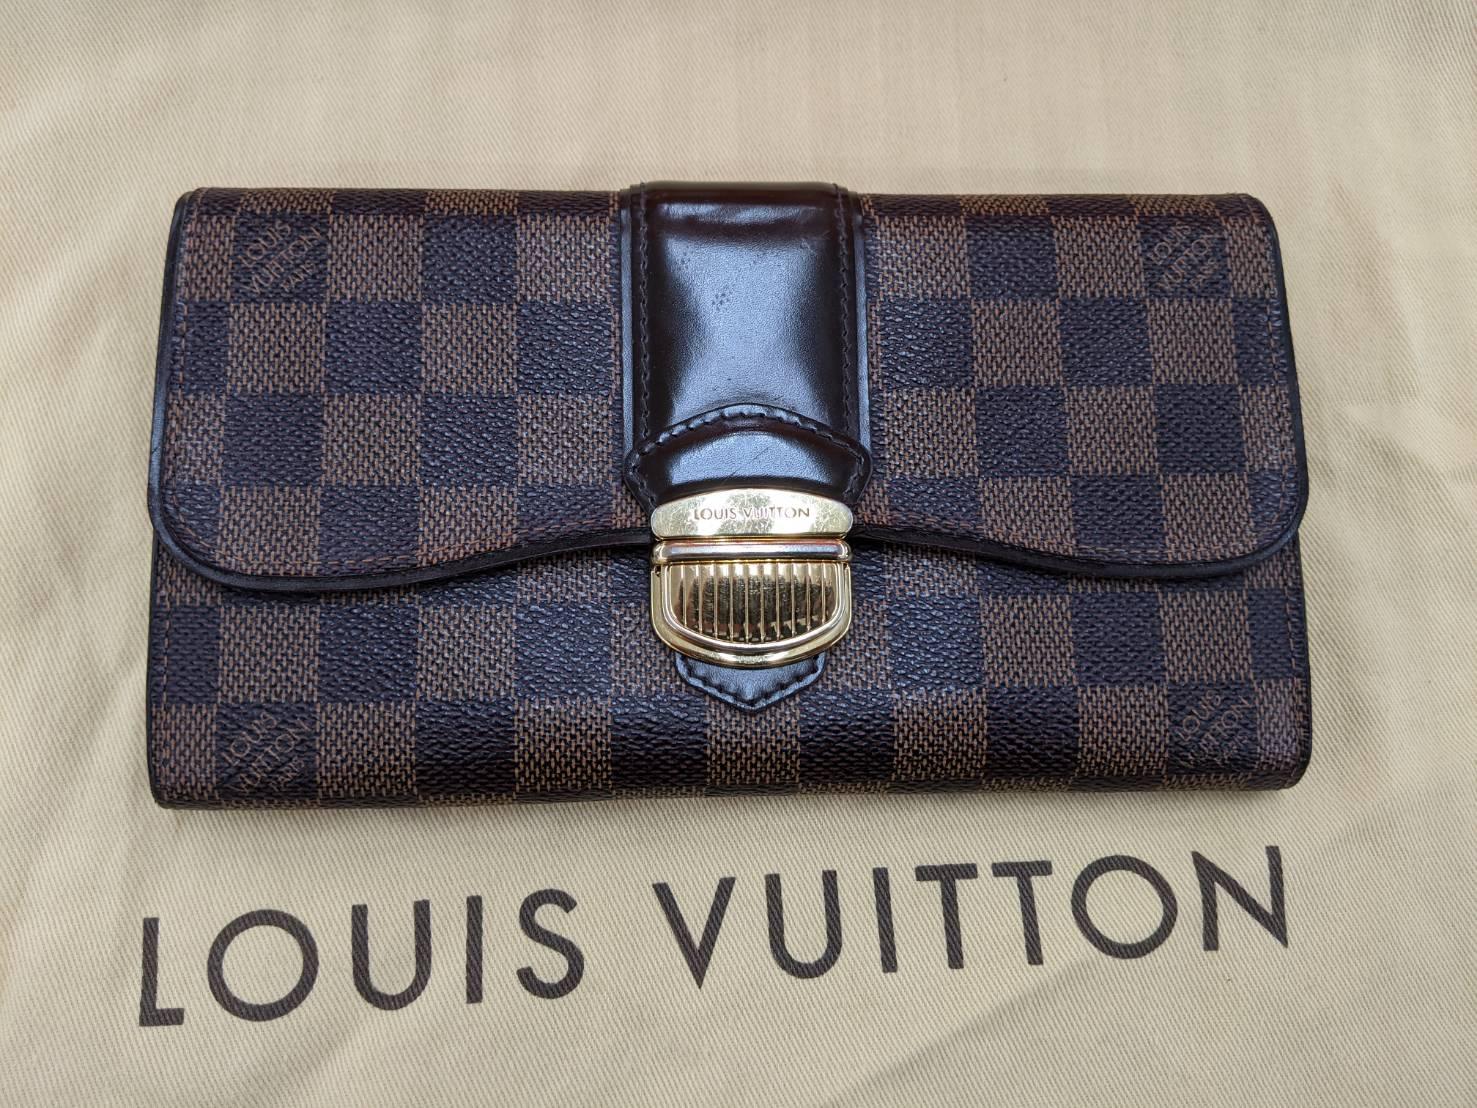 LOUIS VUITTON ルイヴィトン ポルトフォイユ システィナ 長財布 ダミエ N61747 LV をお買取りさせて頂きました!!の買取-